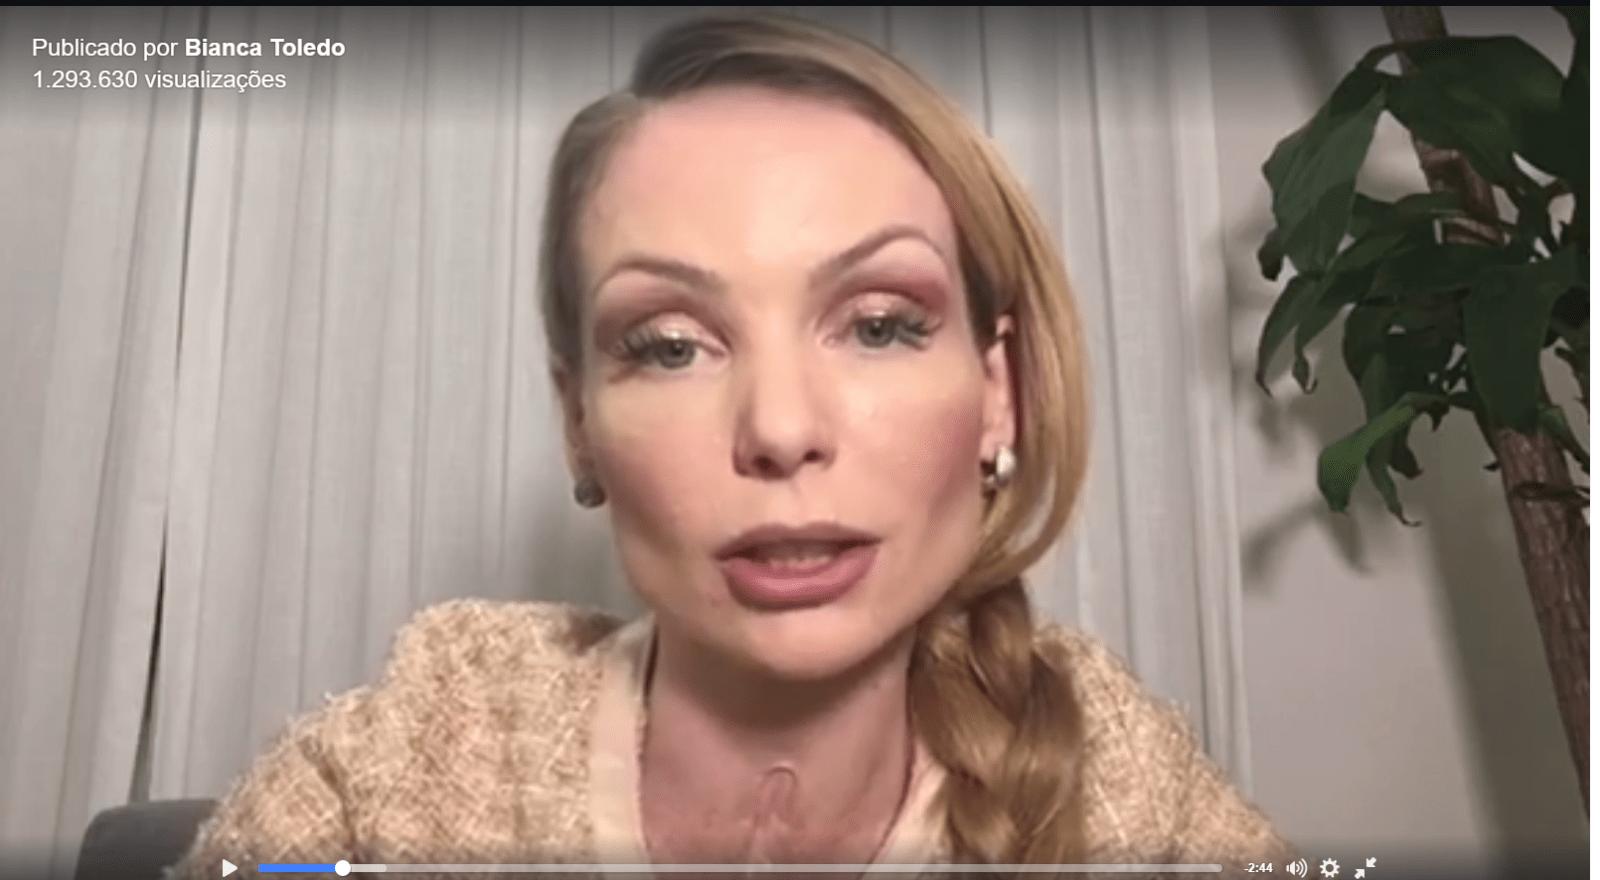 Bianca Toledo diz que separação é motivada por acusação de pedofilia